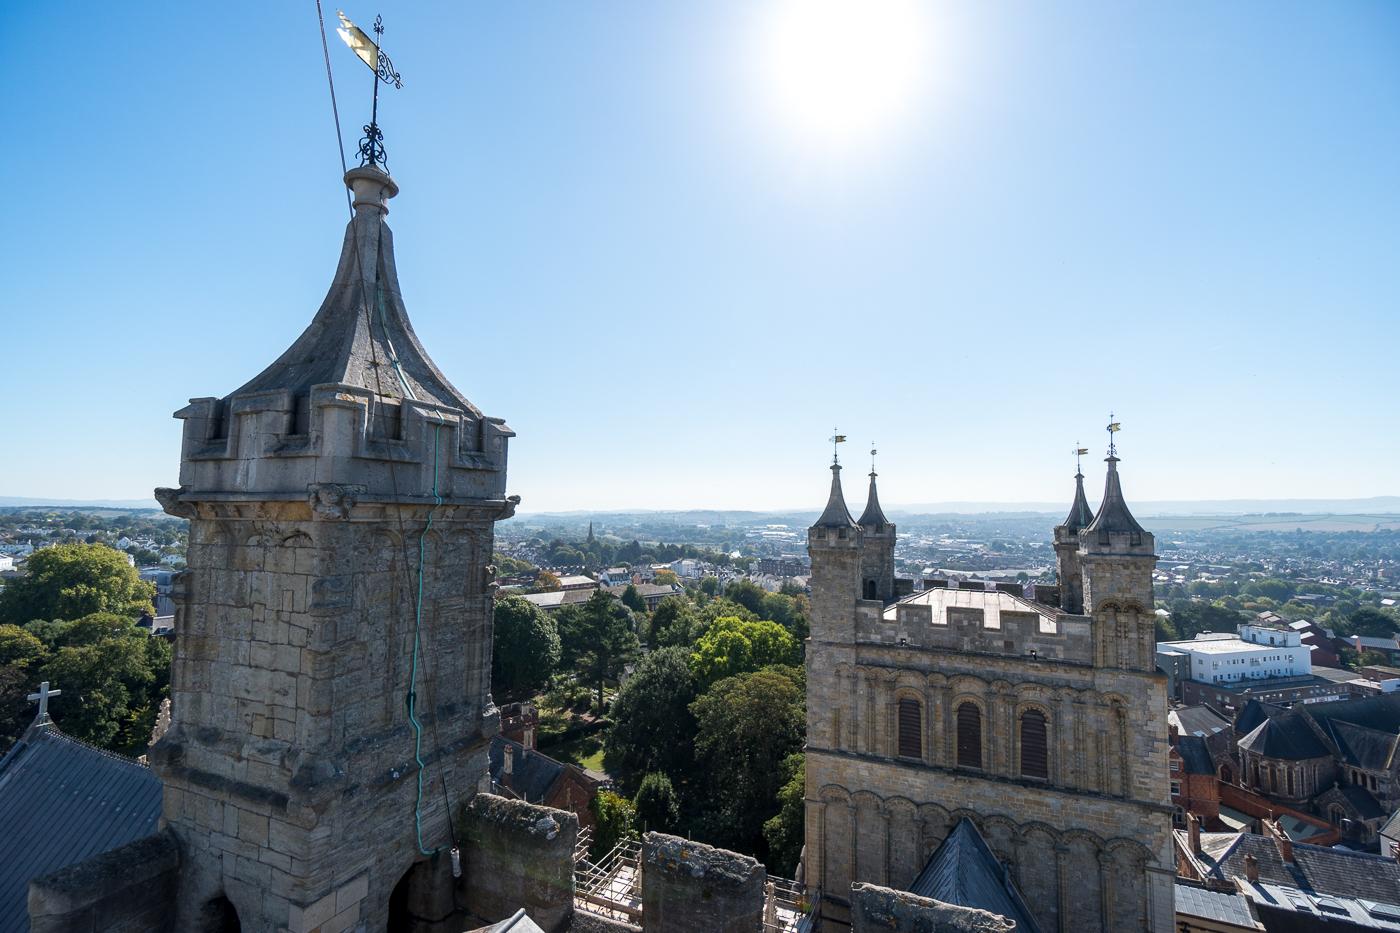 Toit de la cathédrale d'Exeter au Royaume-Uni